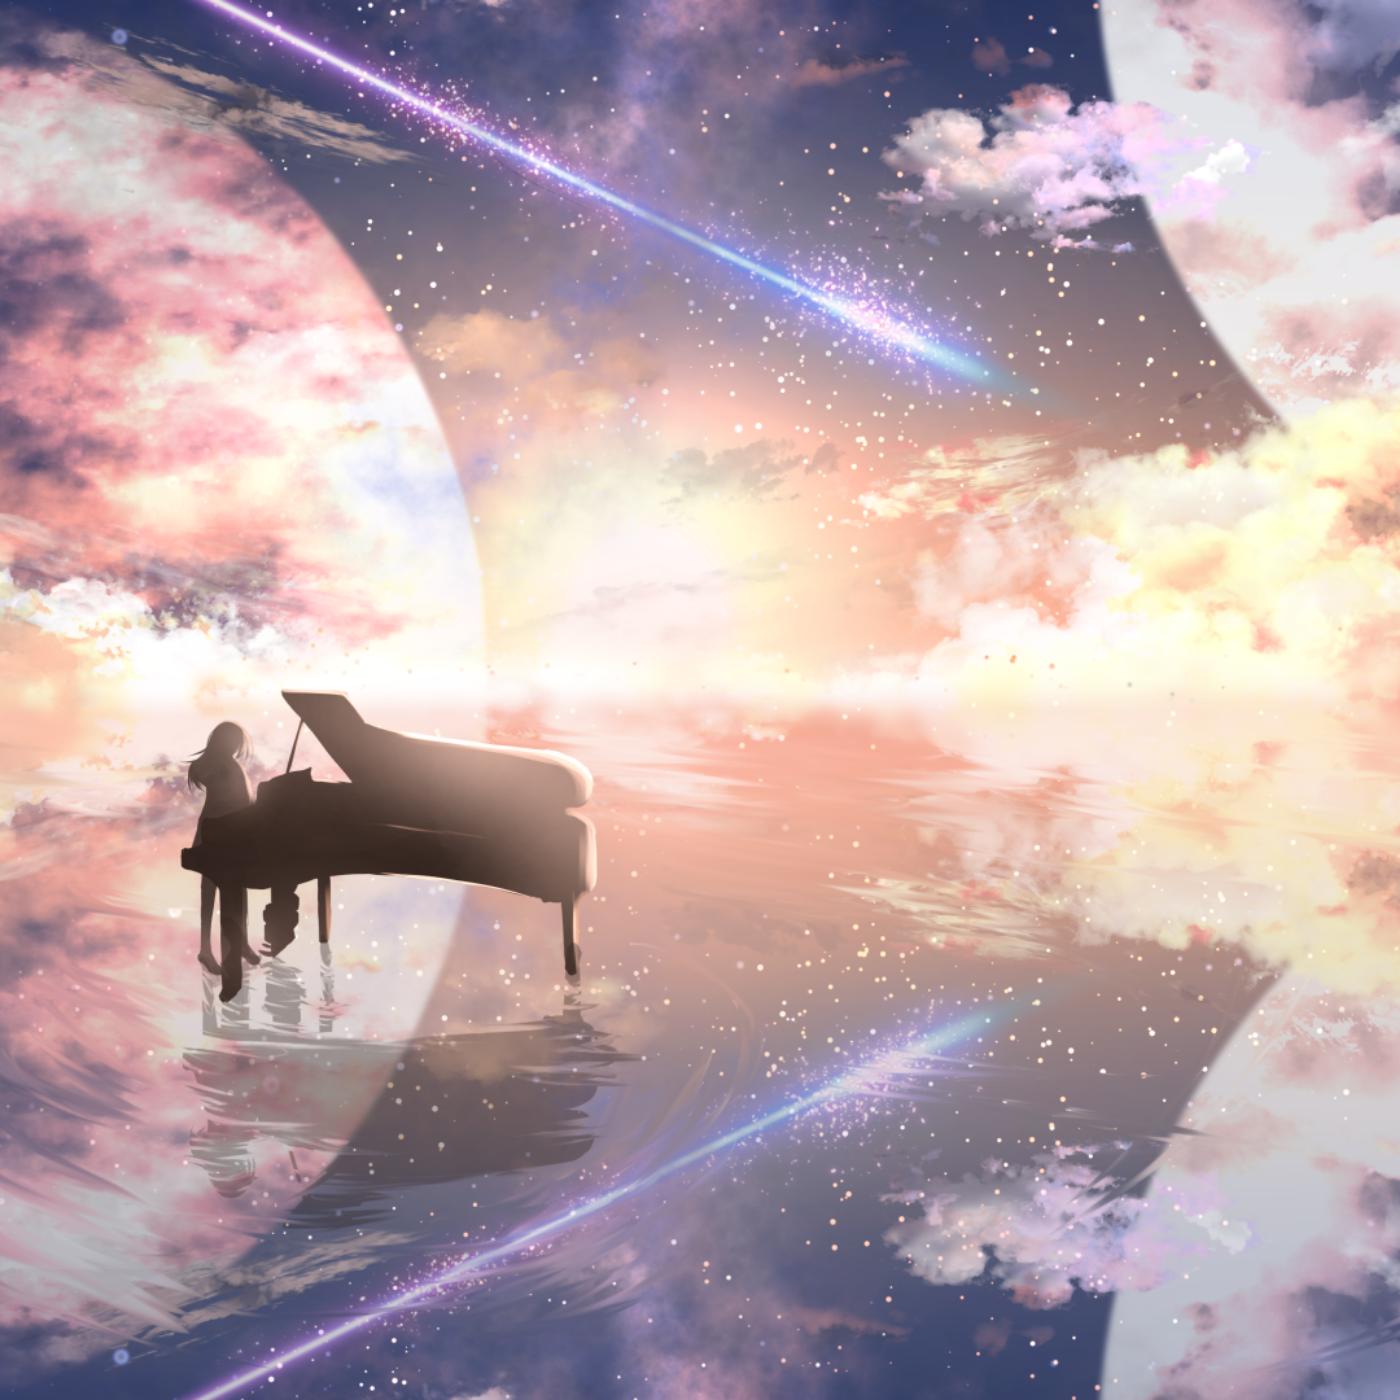 【2021日系和風音樂】輕柔的鋼琴抒情音樂 - 帶給你非凡聽覺享受 - 陪伴你渡過休閒下午時光